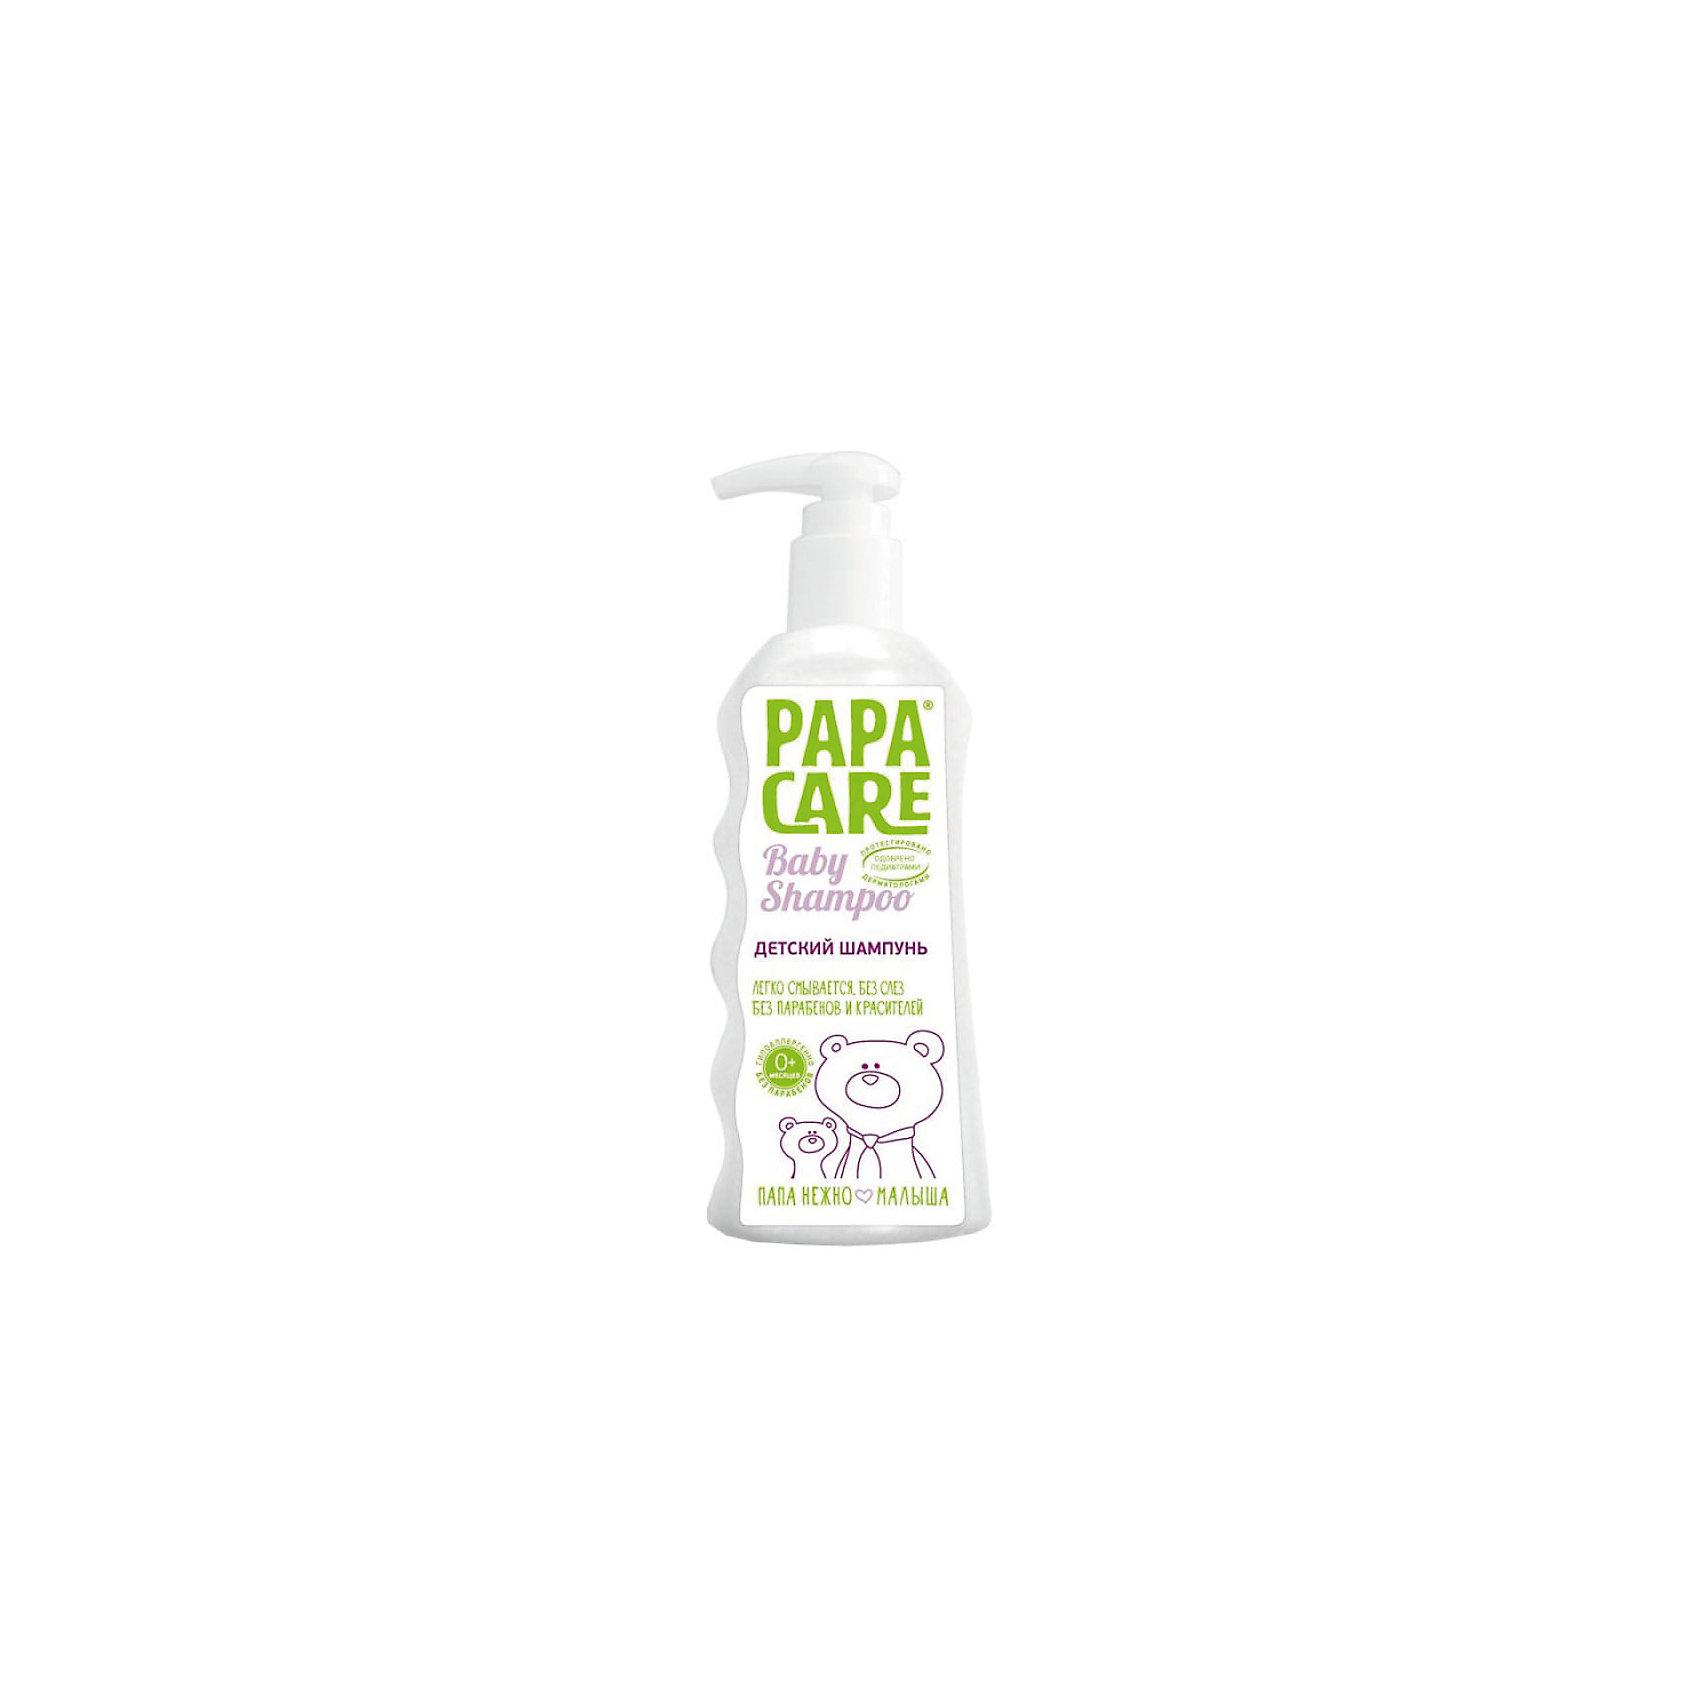 Детский шампунь для волос 250 мл. с помпой, PAPA CARE (Papa Care)